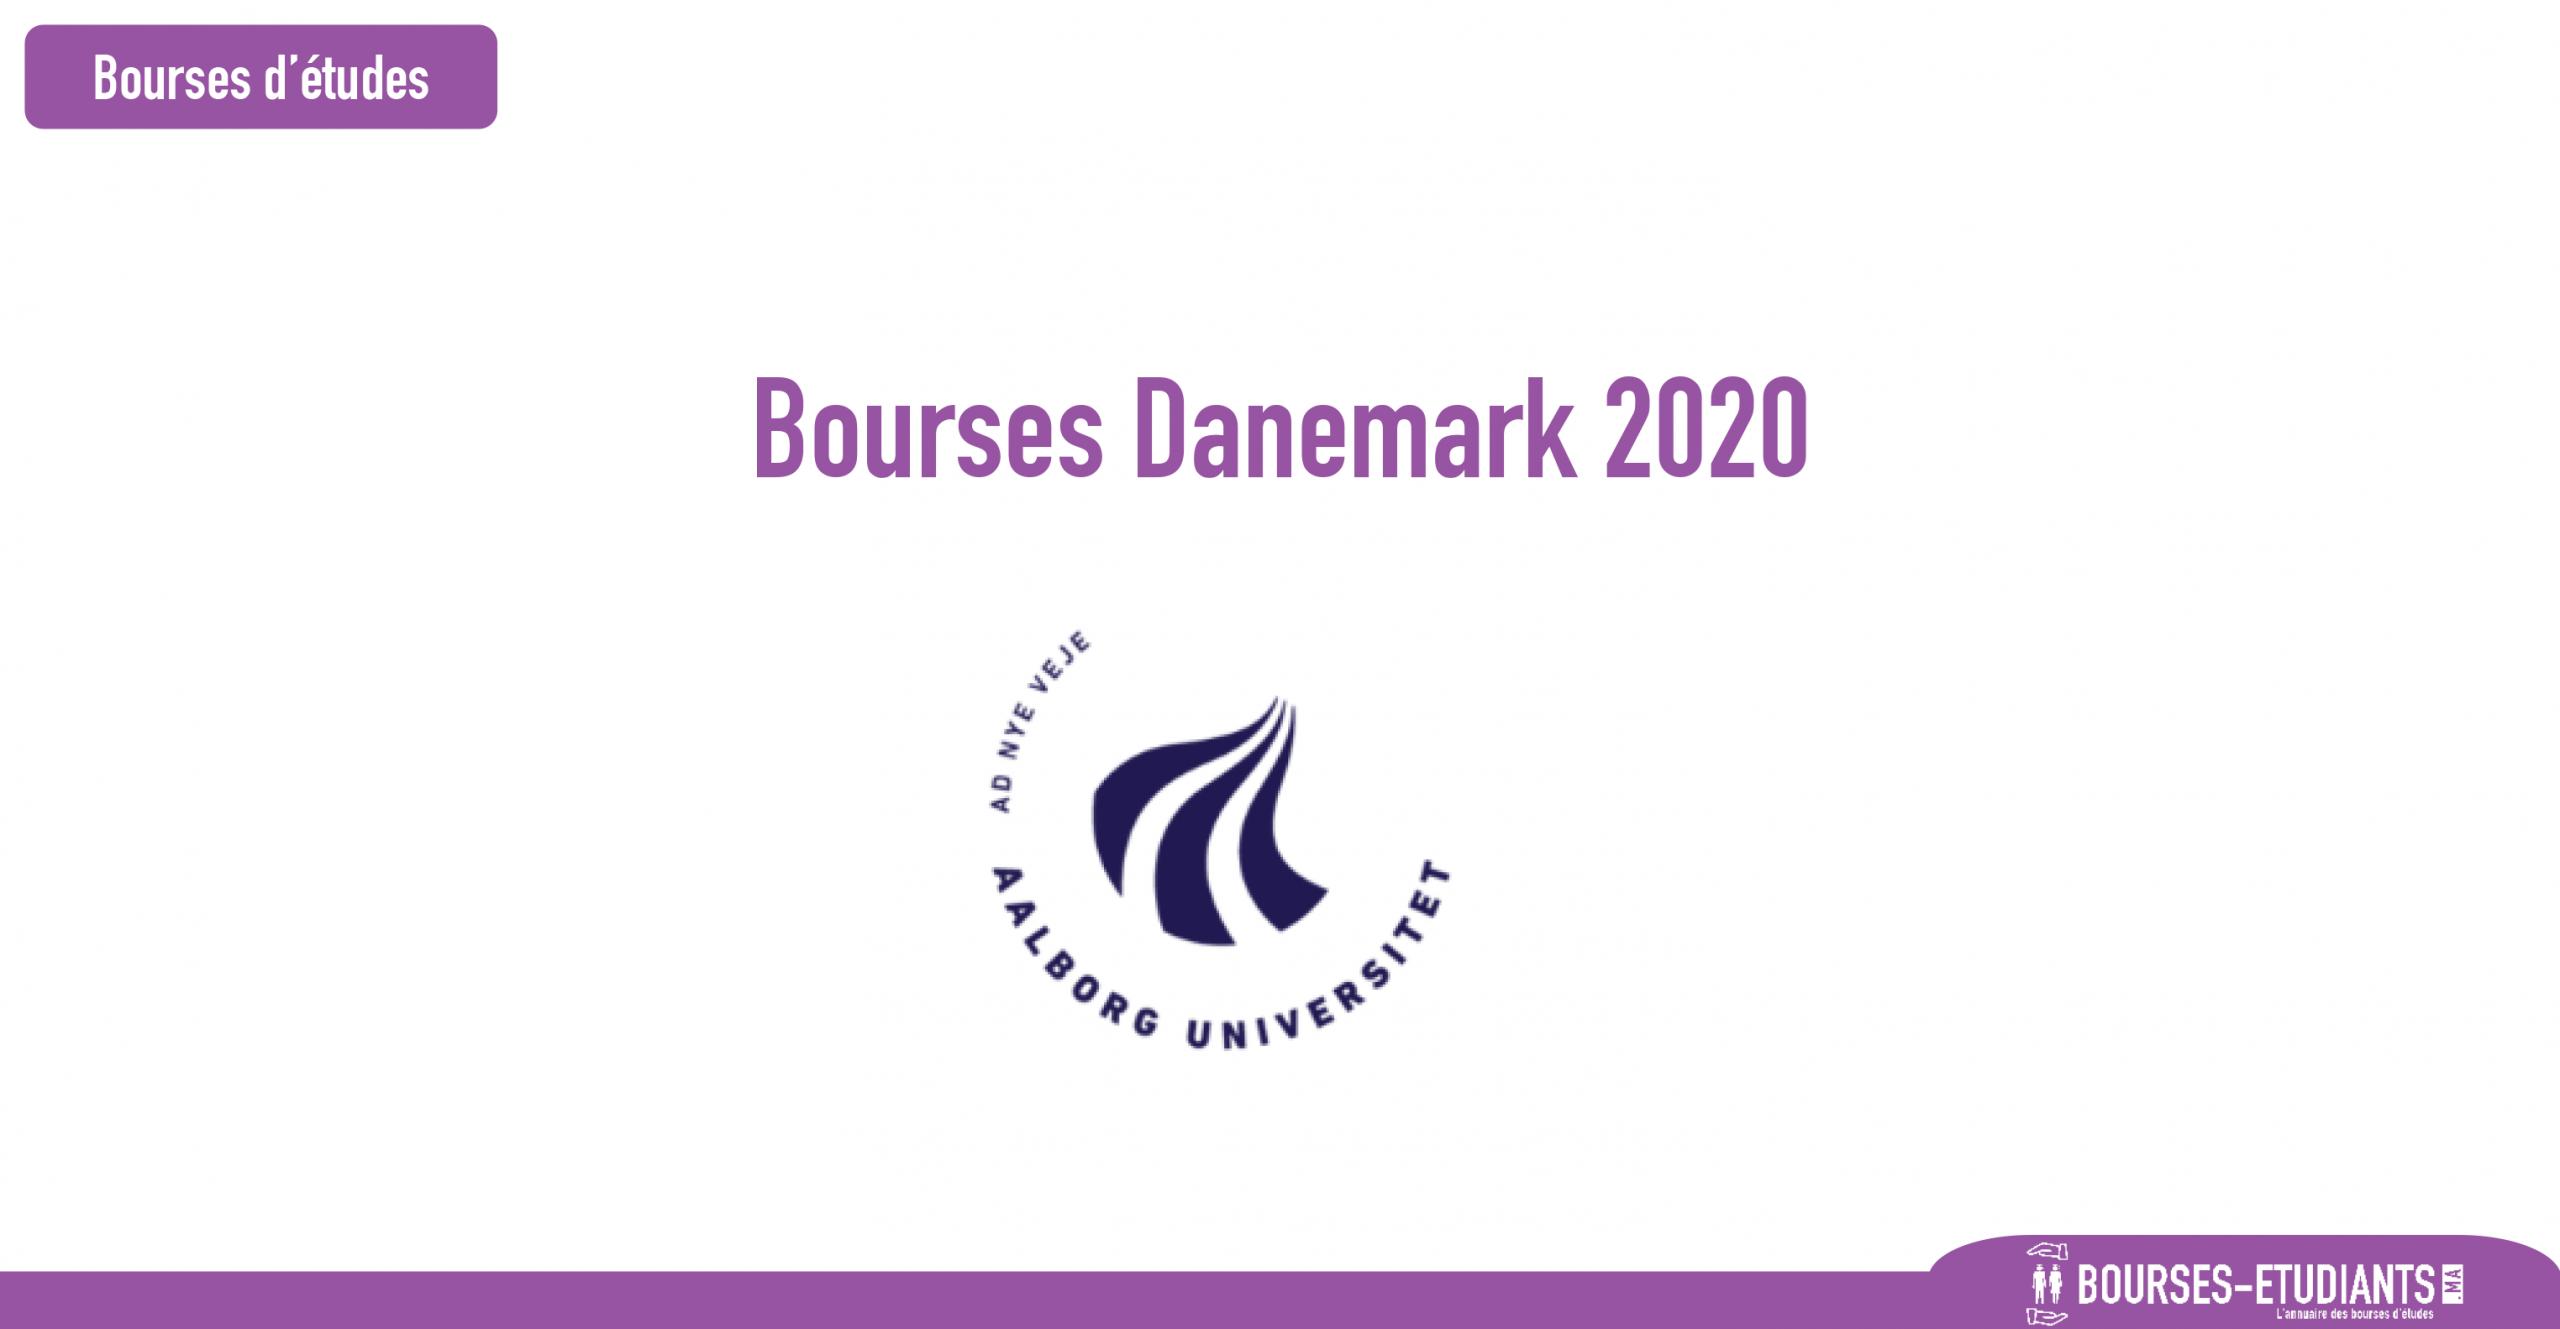 Bourse D études Danemark 2020 Africalics Phd à L